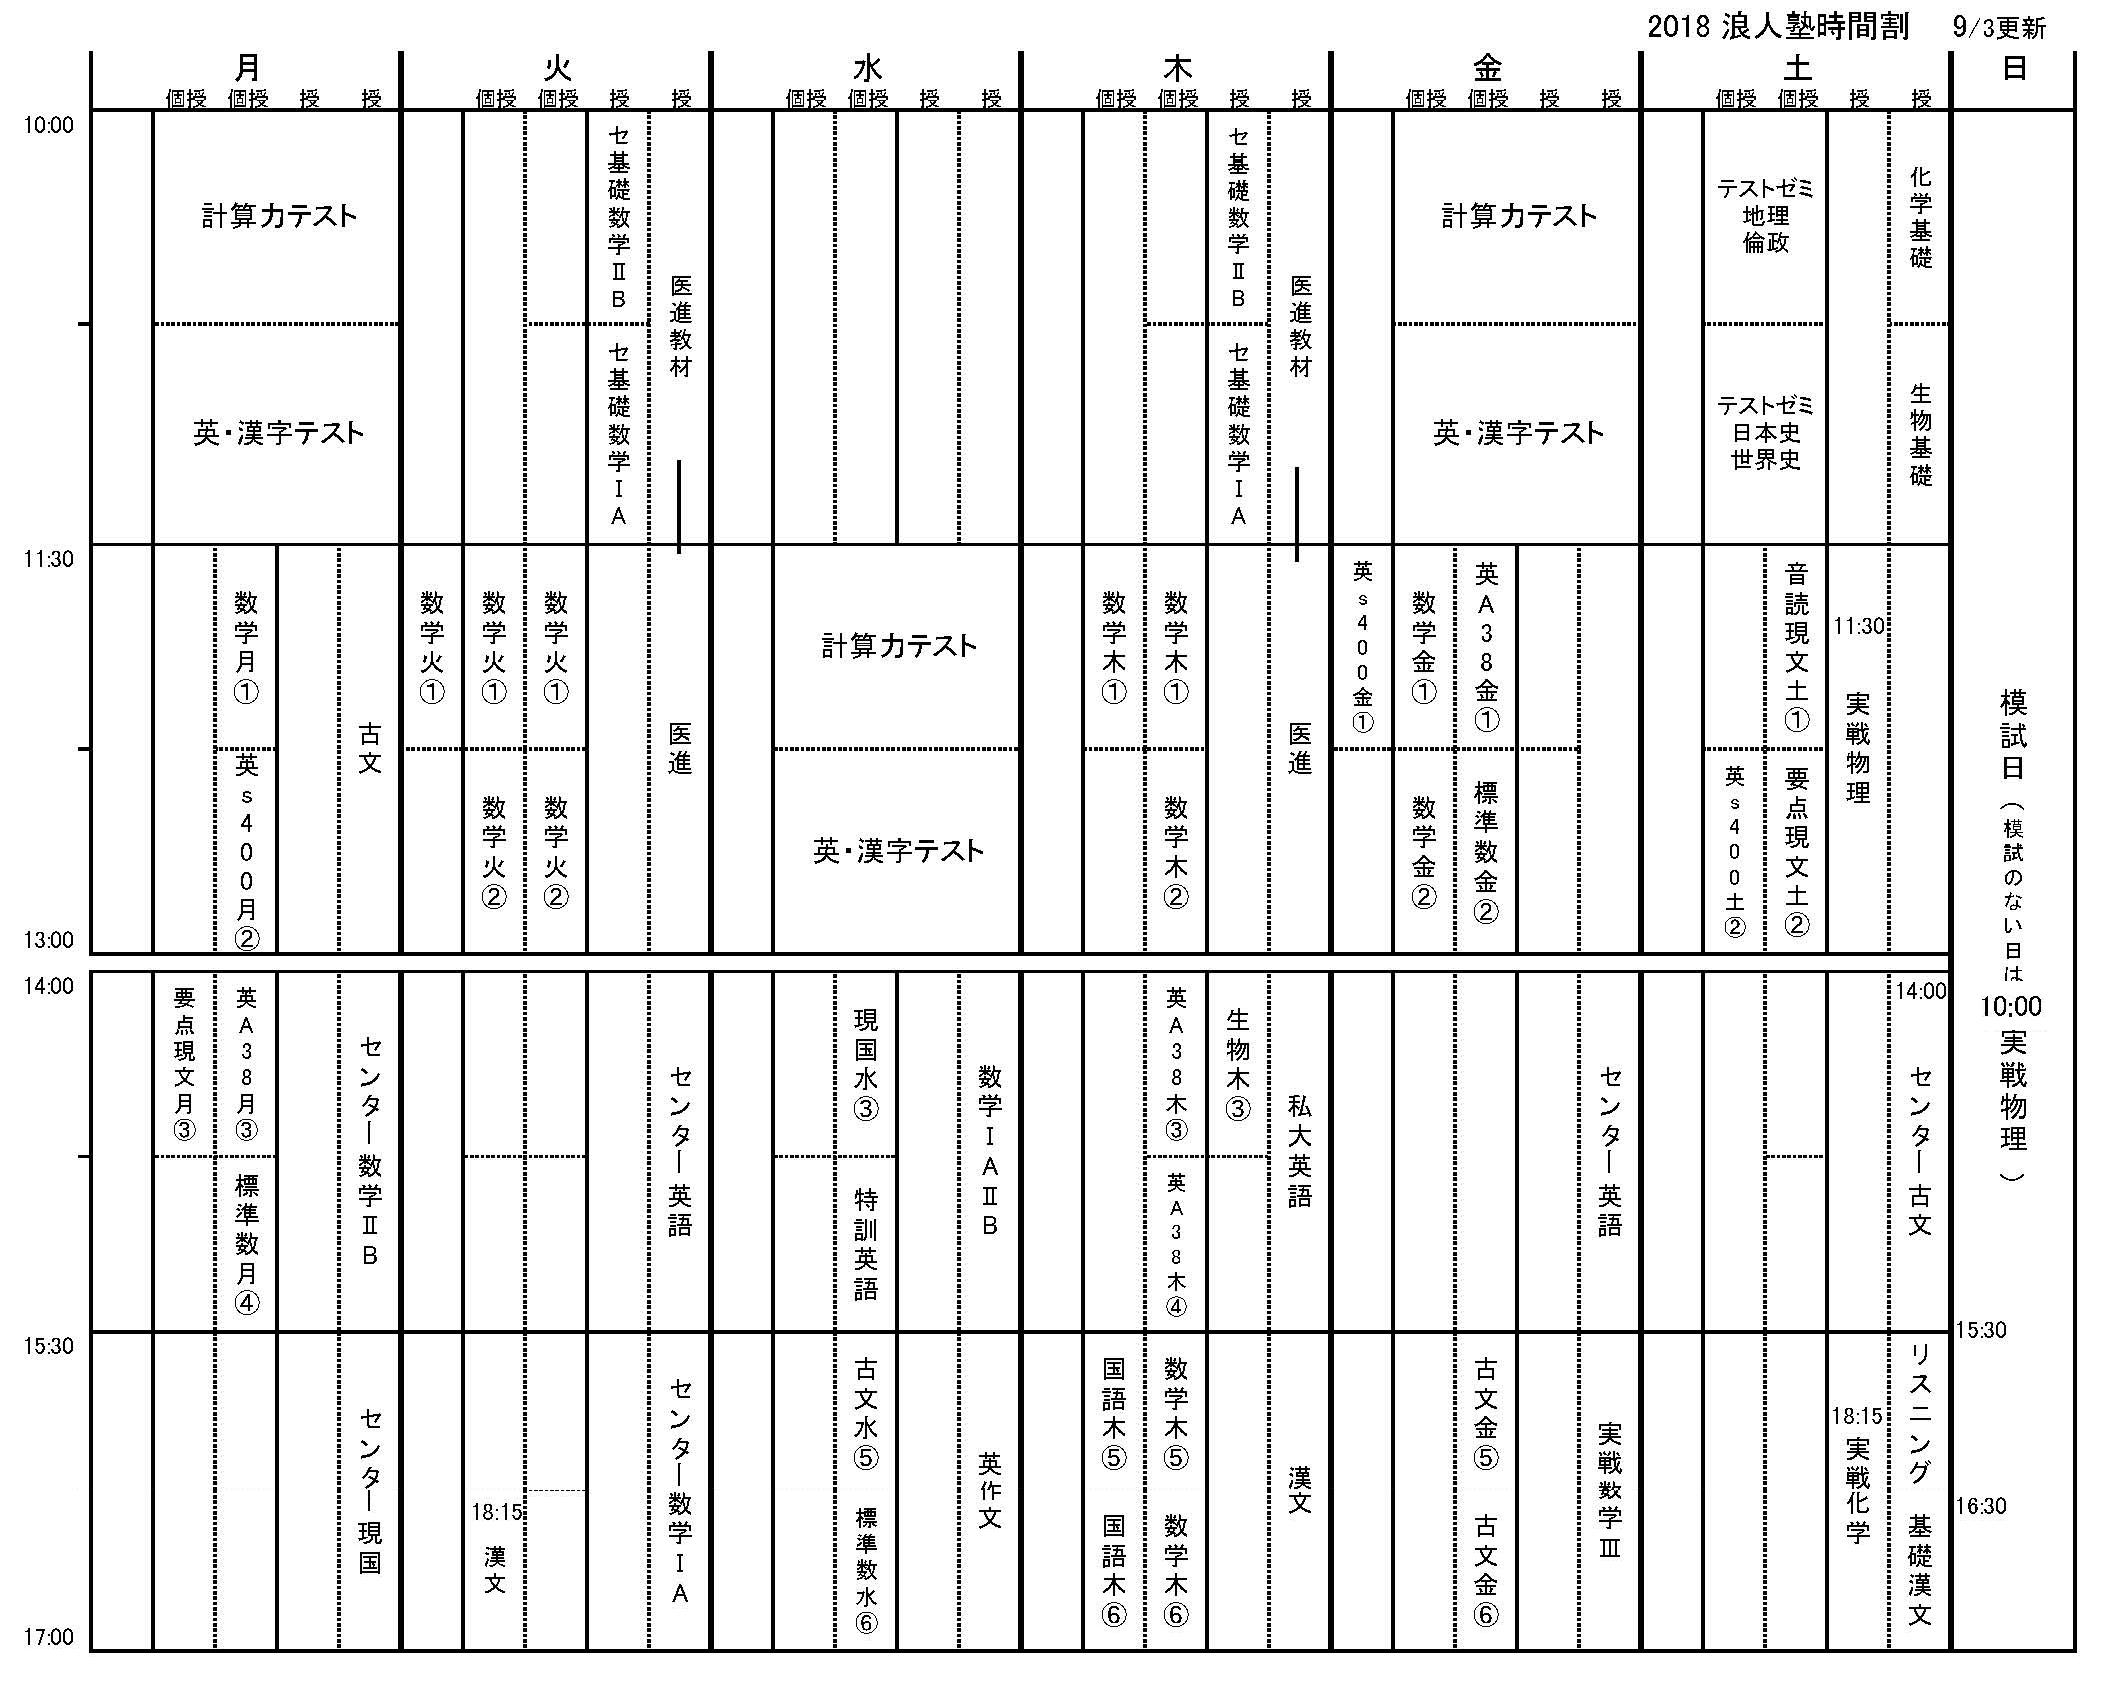 schedule_ronin_2018_9